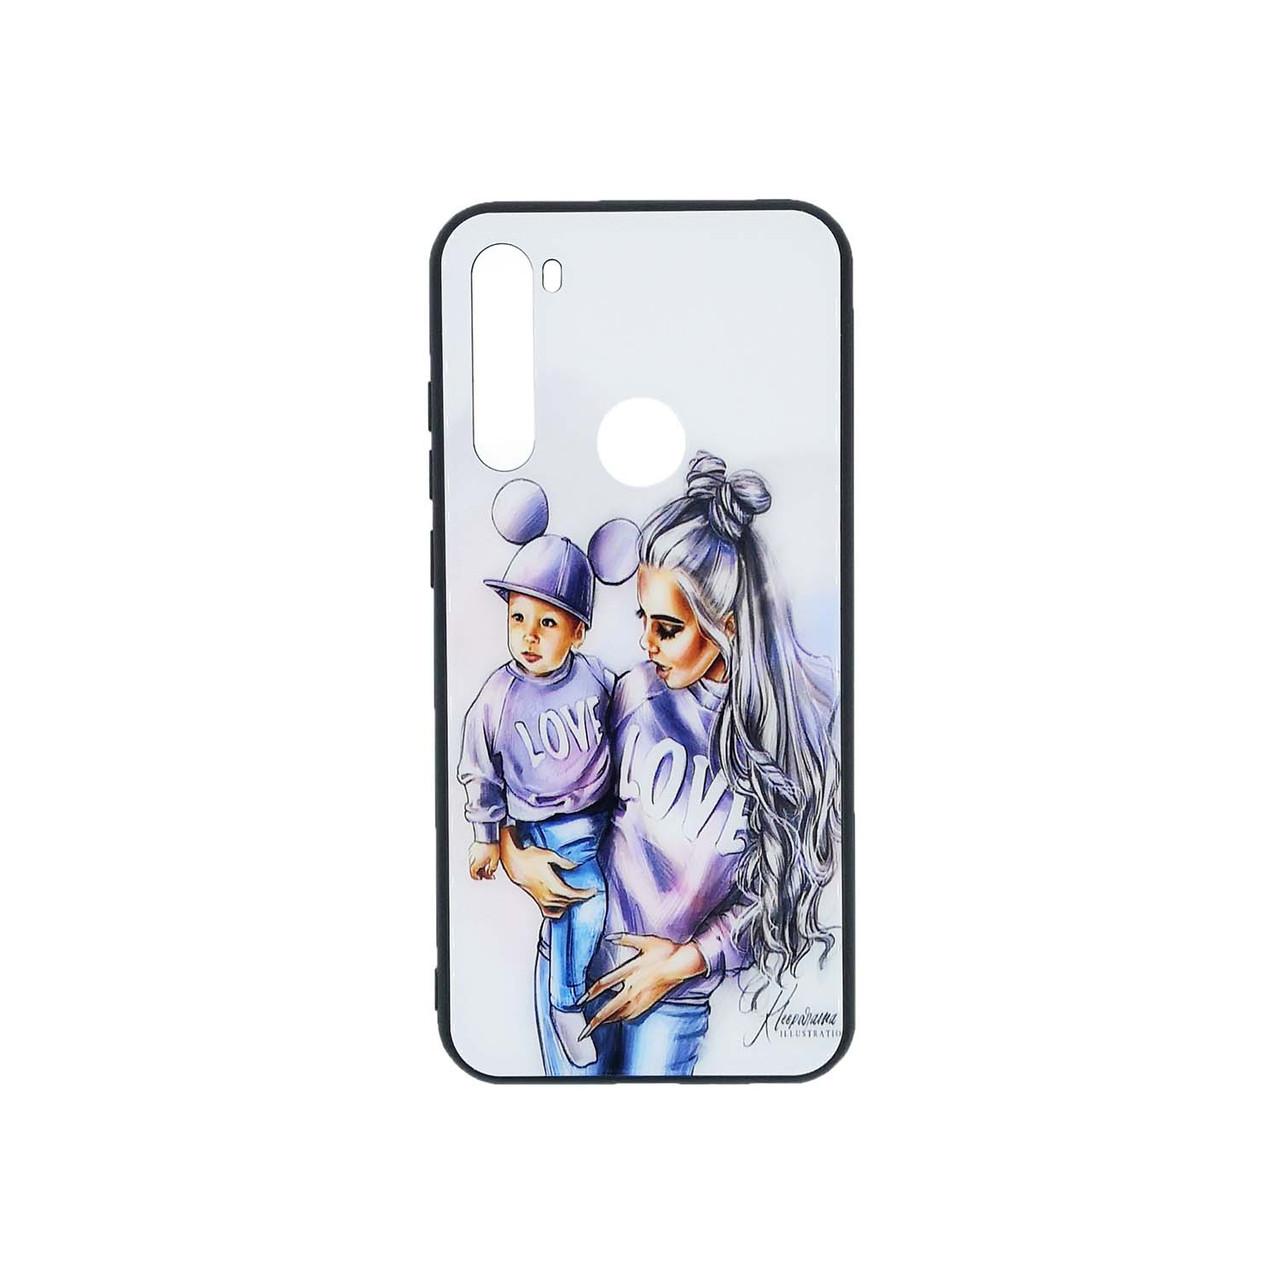 Женский чехол для Xiaomi Redmi Note 8t силиконовый с зеркальной крышкой Girl Case, Mickey Family